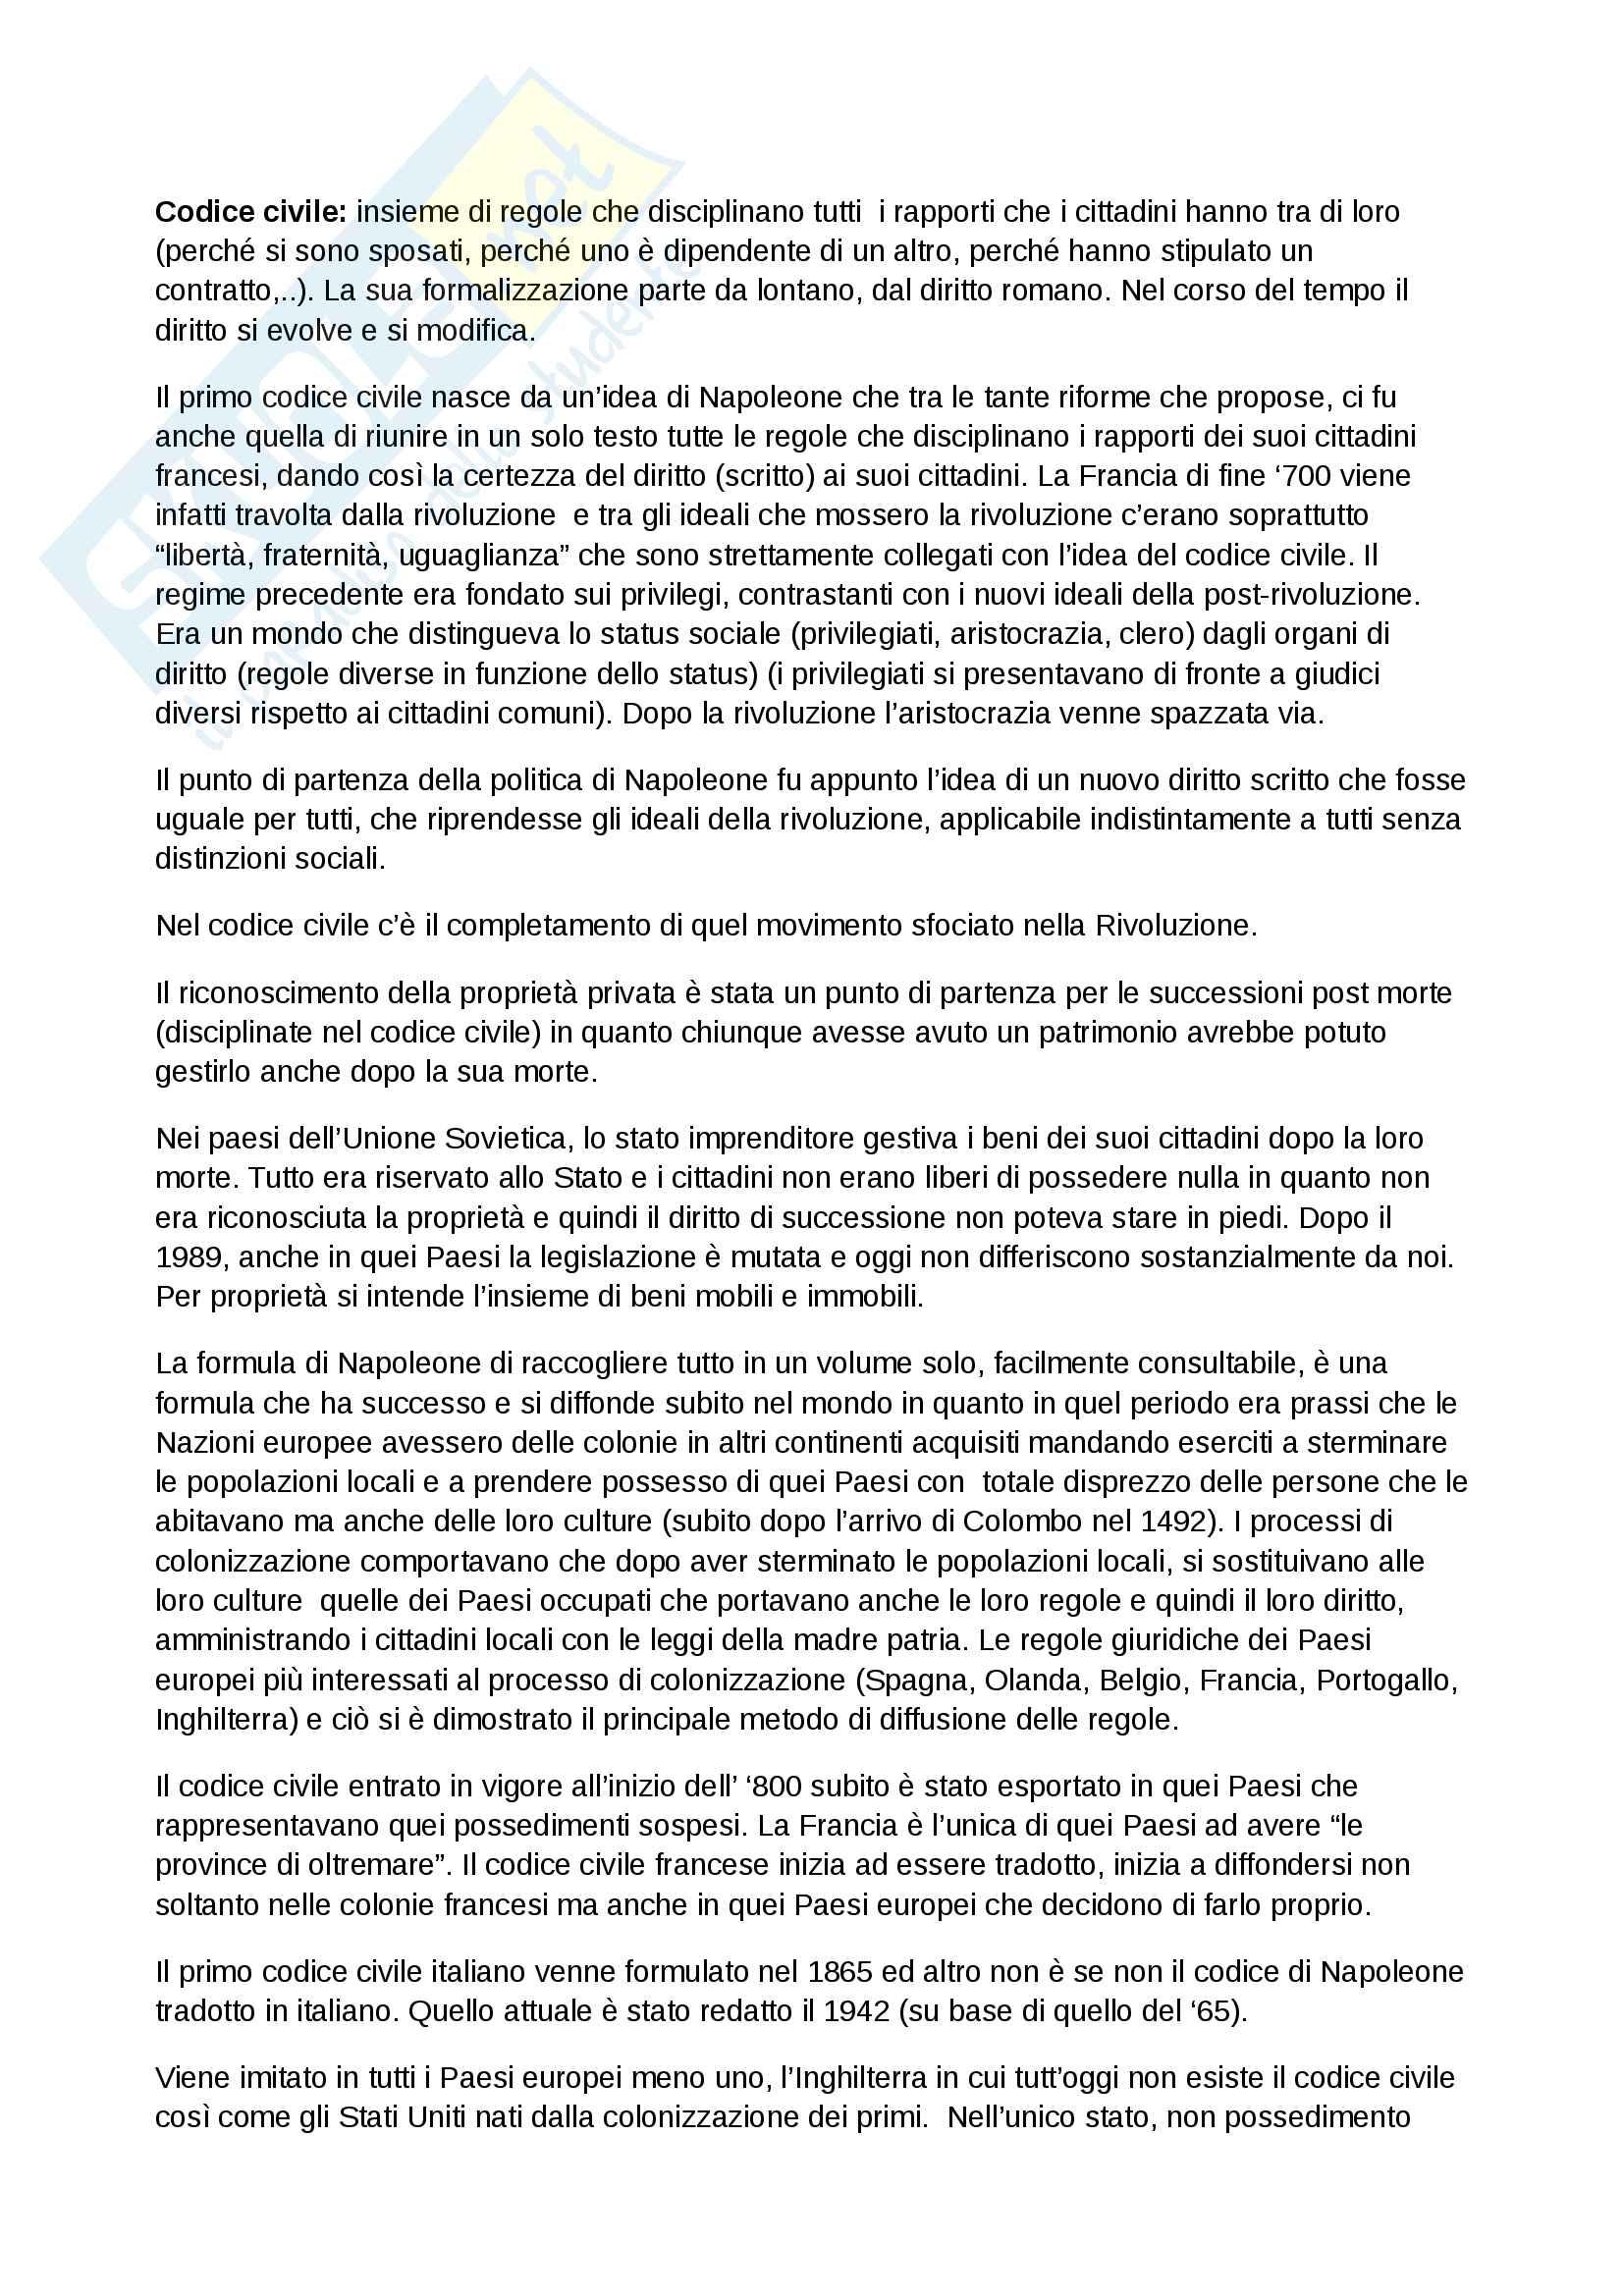 Appunti Diritto Privato 1° anno Economia Bicocca (prof Vaccà)